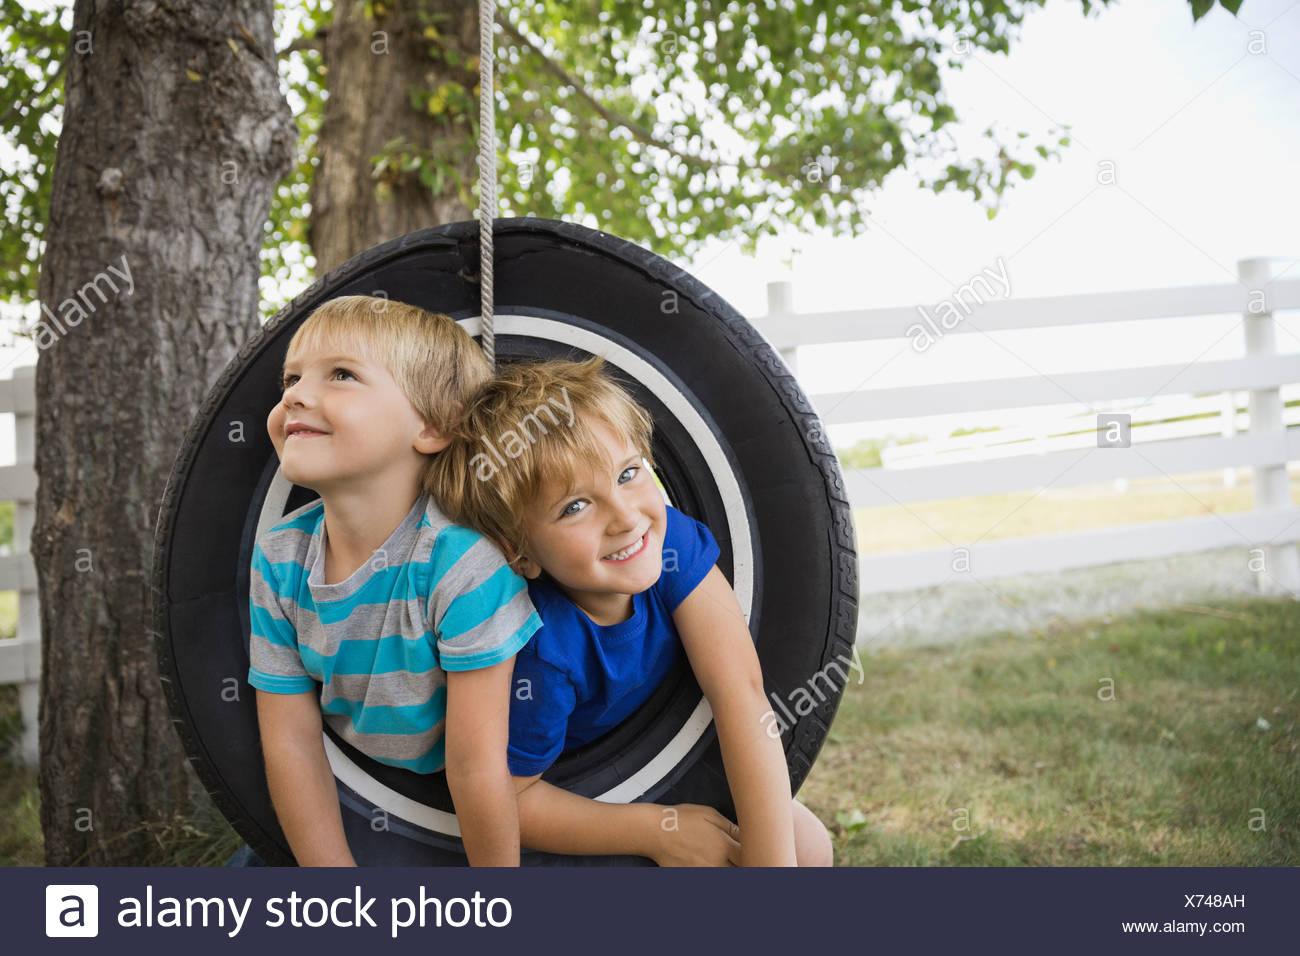 Los niños juguetones en un columpio de neumático Imagen De Stock